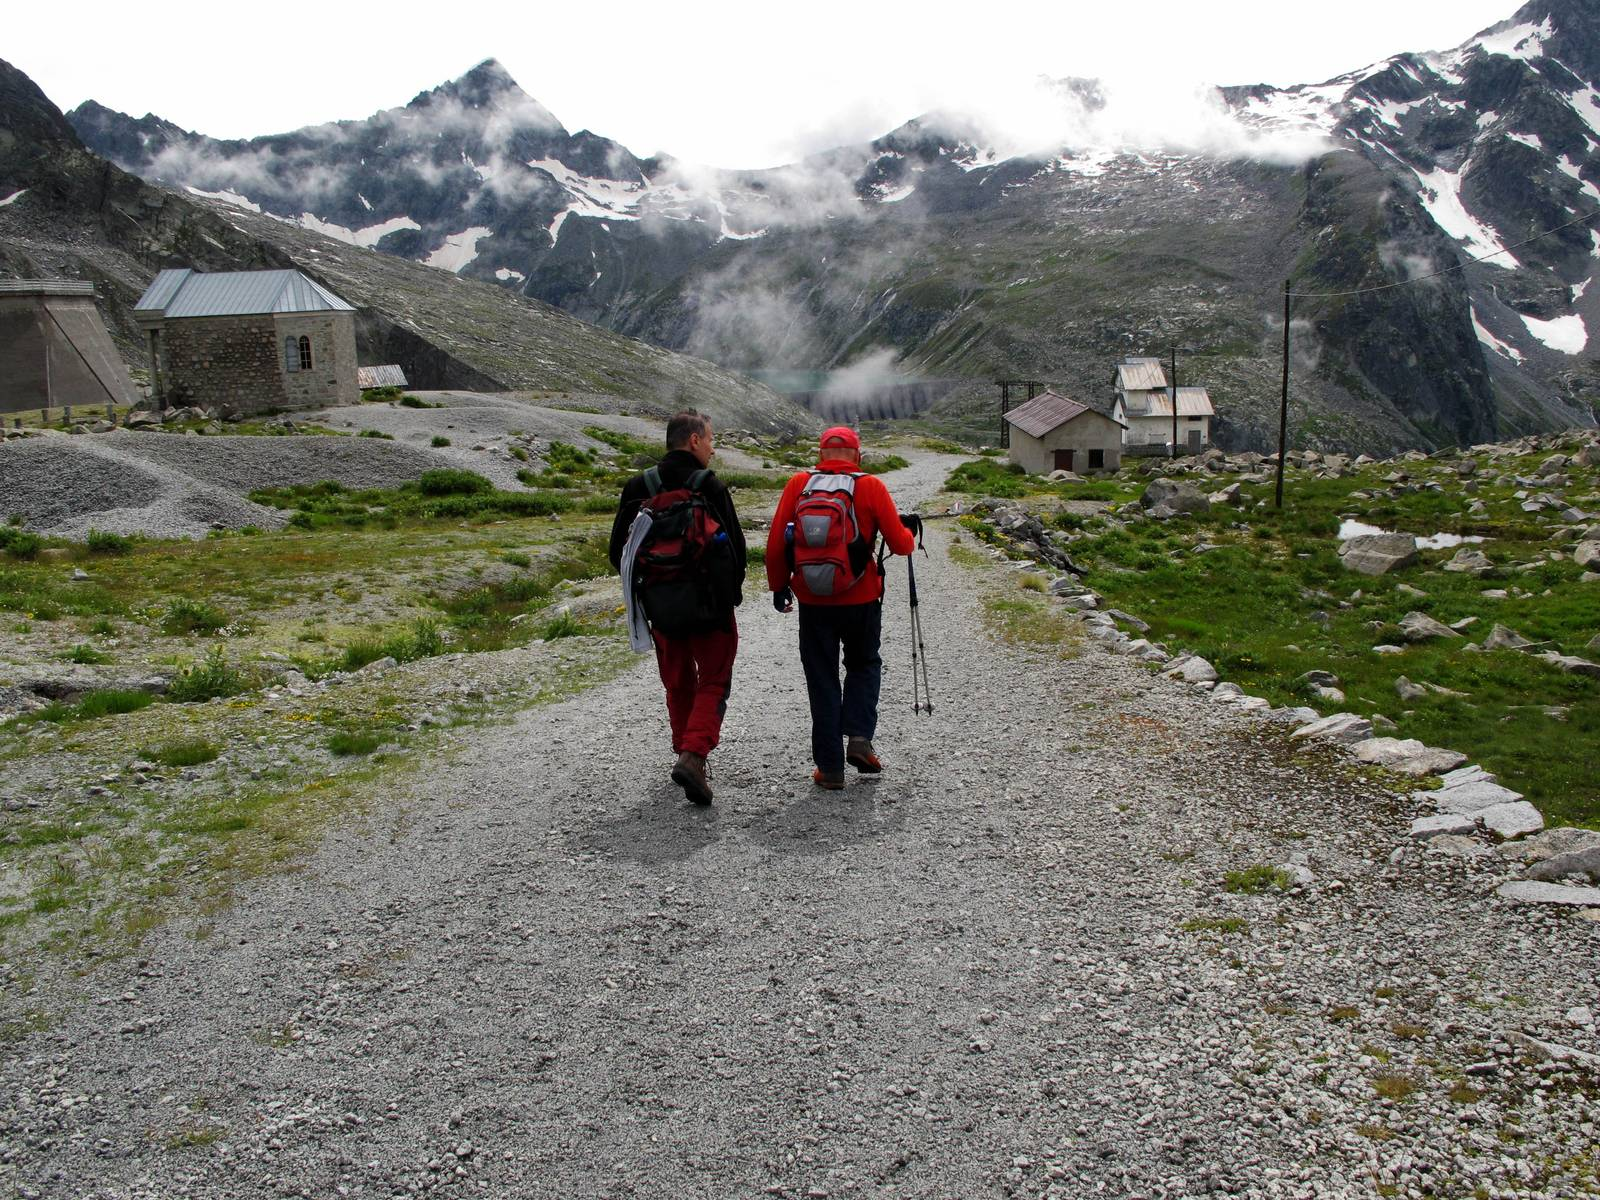 Passi-nella-neve-9-agosto-2014_Narrazione-in-cammino-destinazione-Garibaldi46 Copia